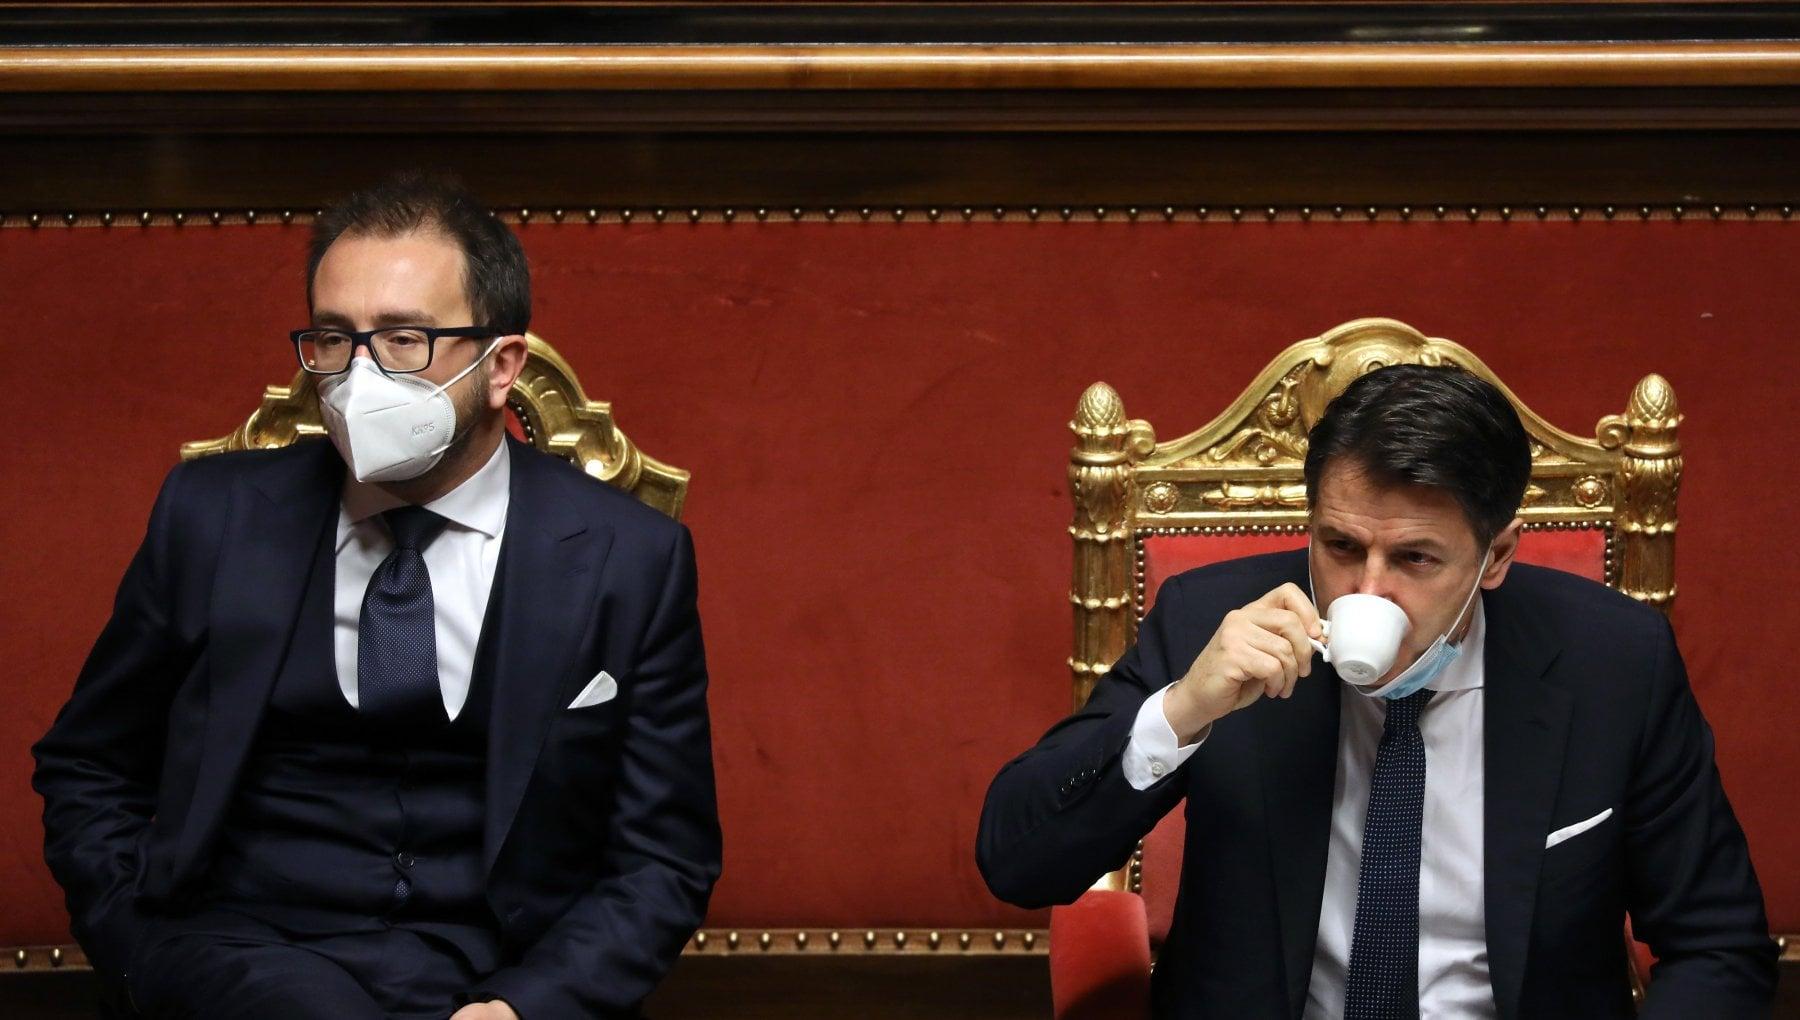 Crisi di governo verso slittamento a giovedi della relazione di Bonafede in Senato. Bettini Voto ultima risorsa